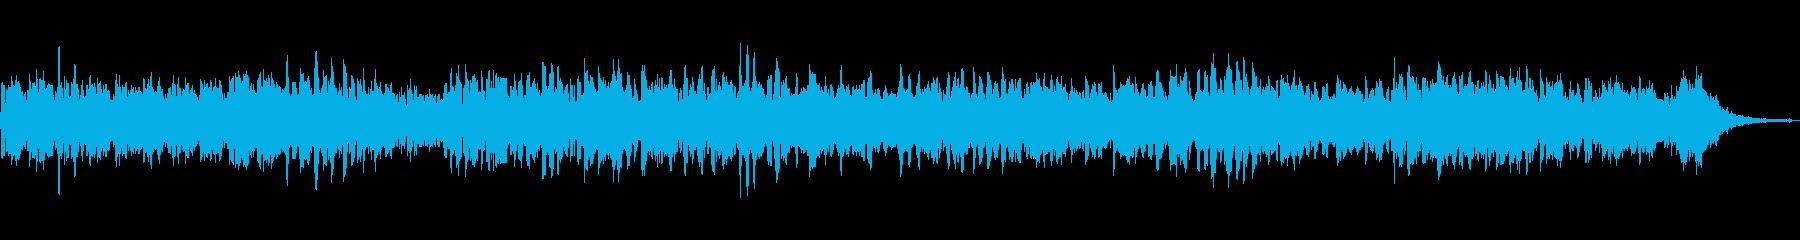 ほのぼのと癒されるローズピアノサウンドの再生済みの波形